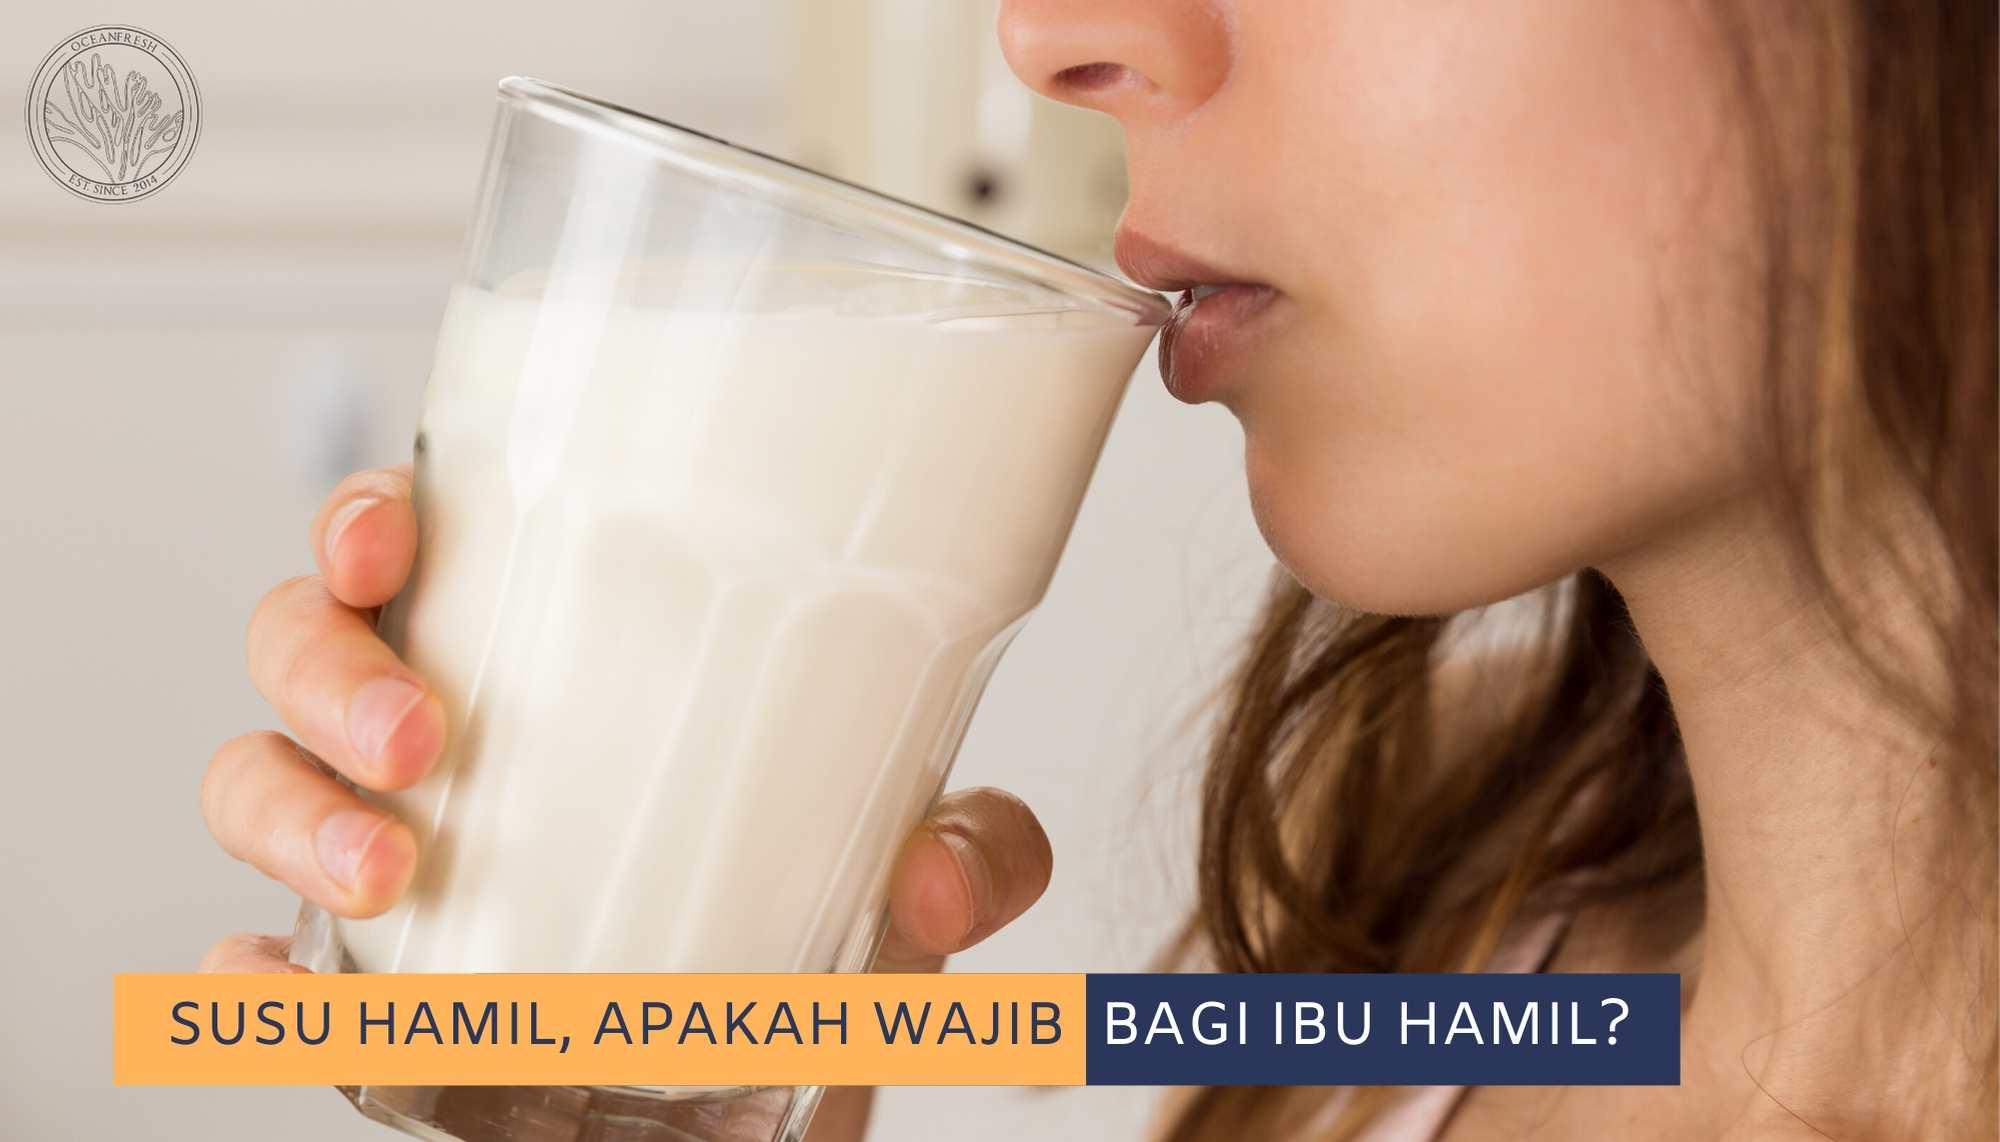 Susu Hamil image